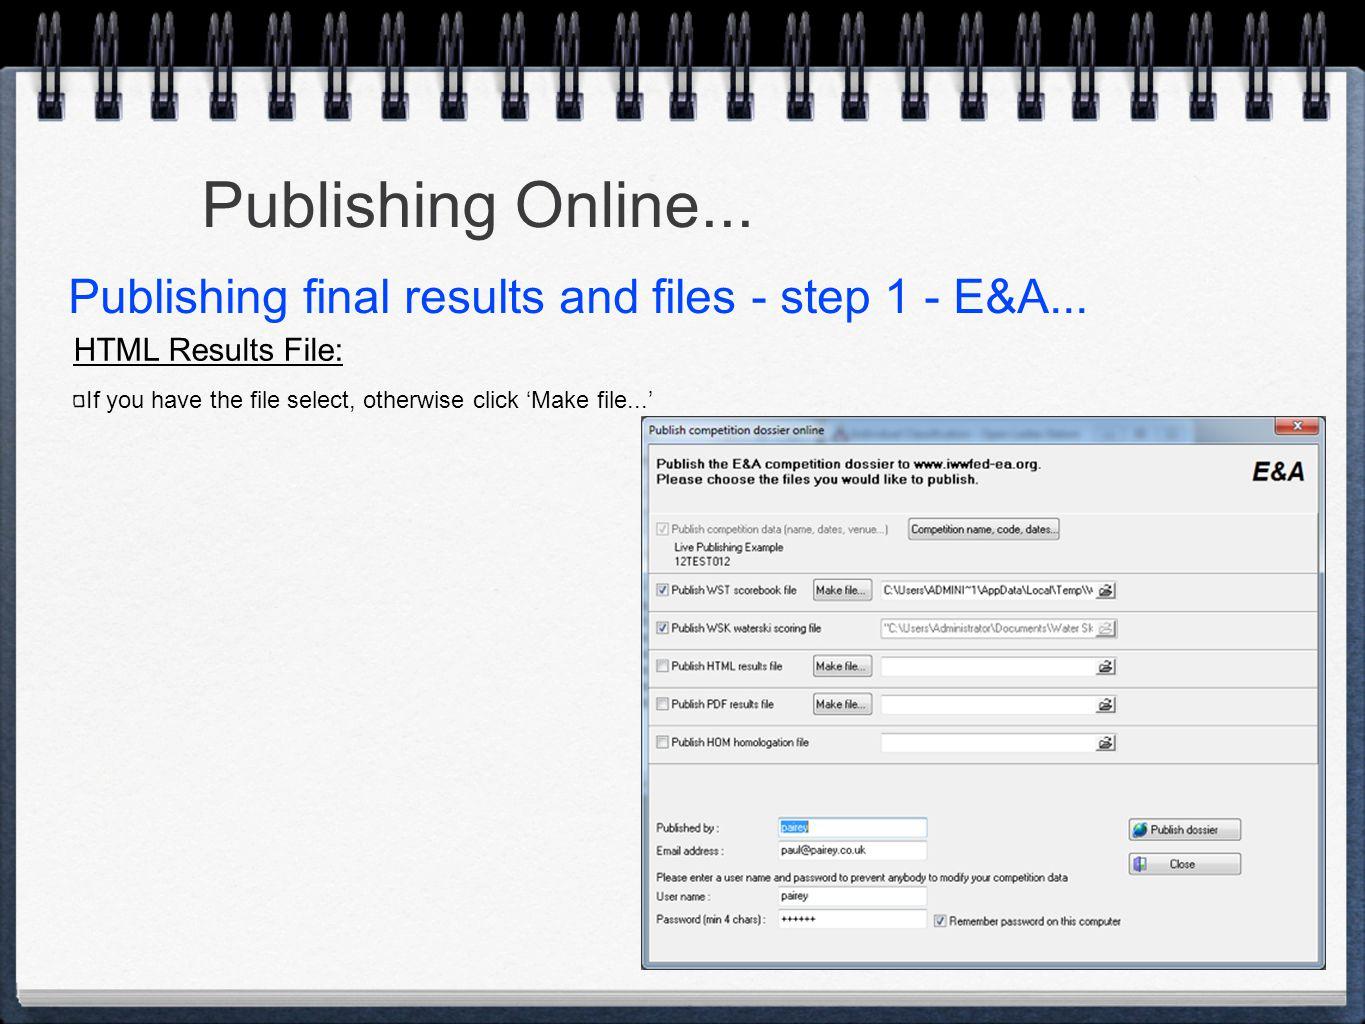 Publishing Online...